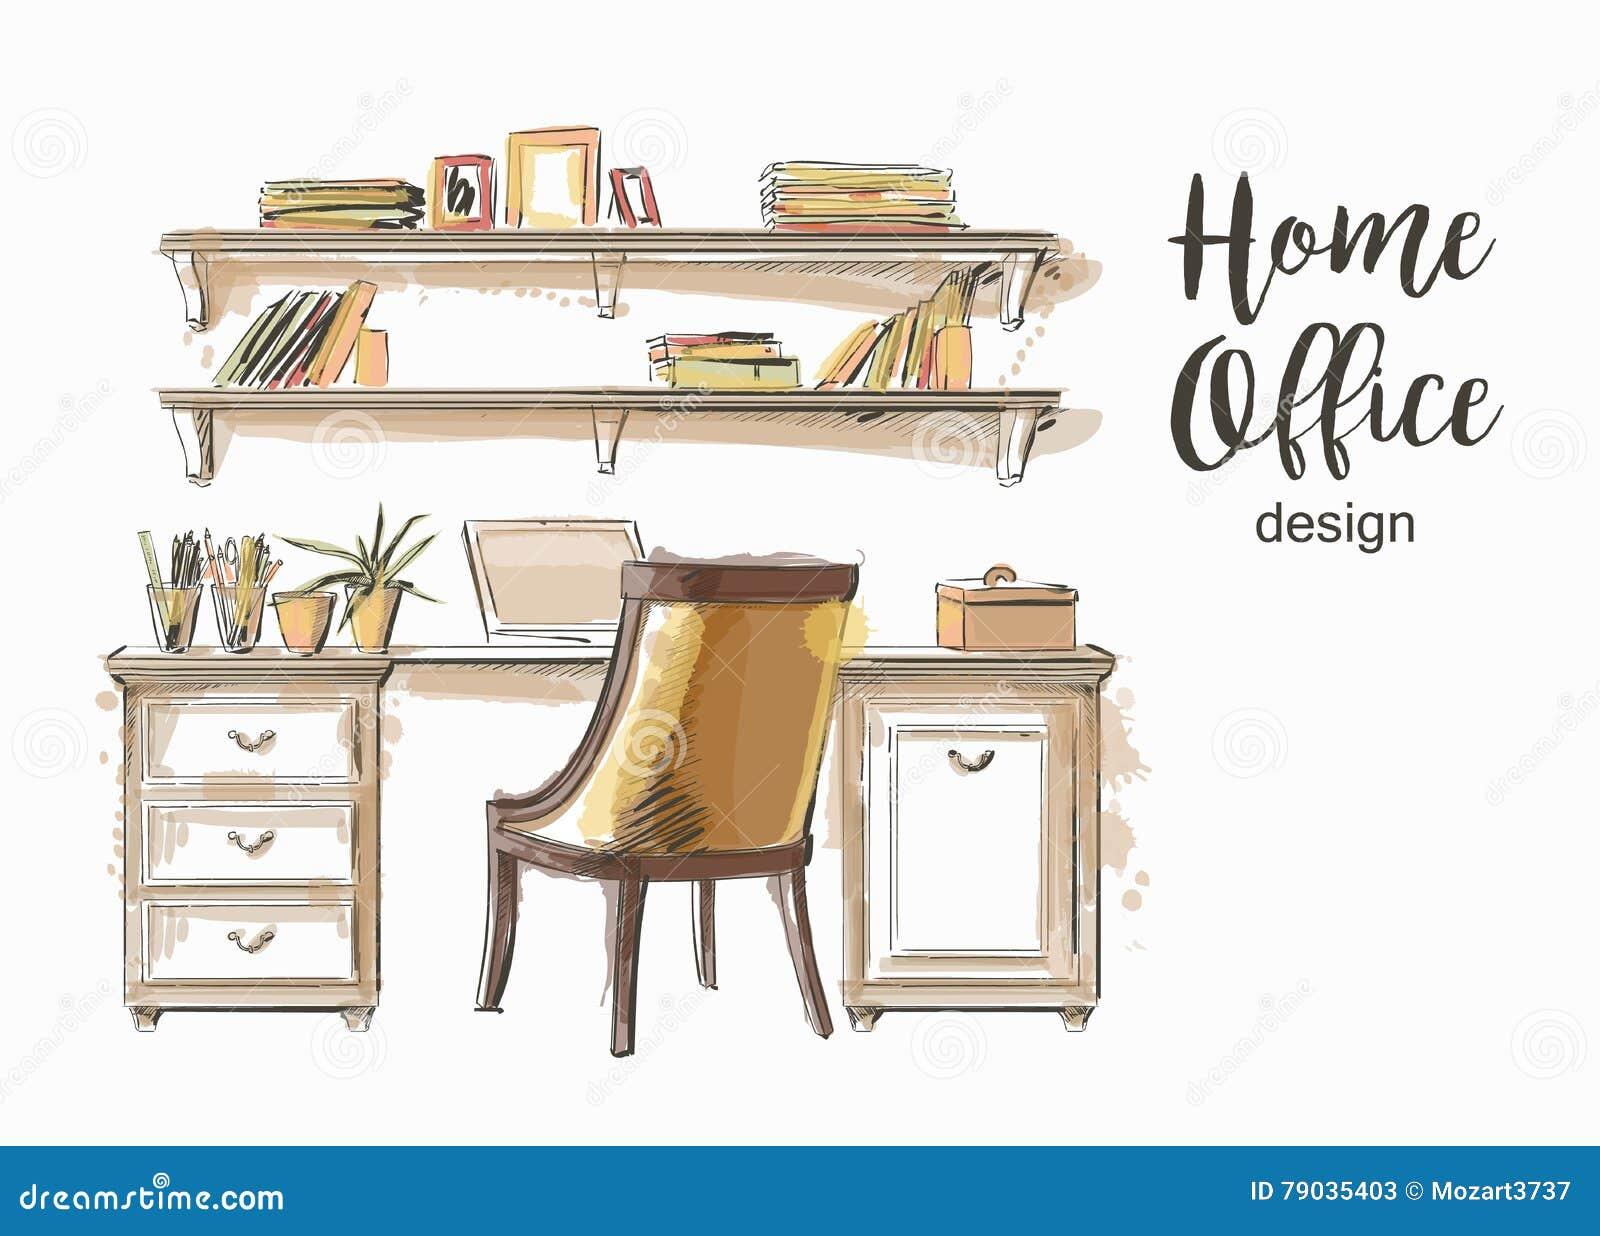 Interior wooden shelves free vector - Home Office Interior Stock Vector